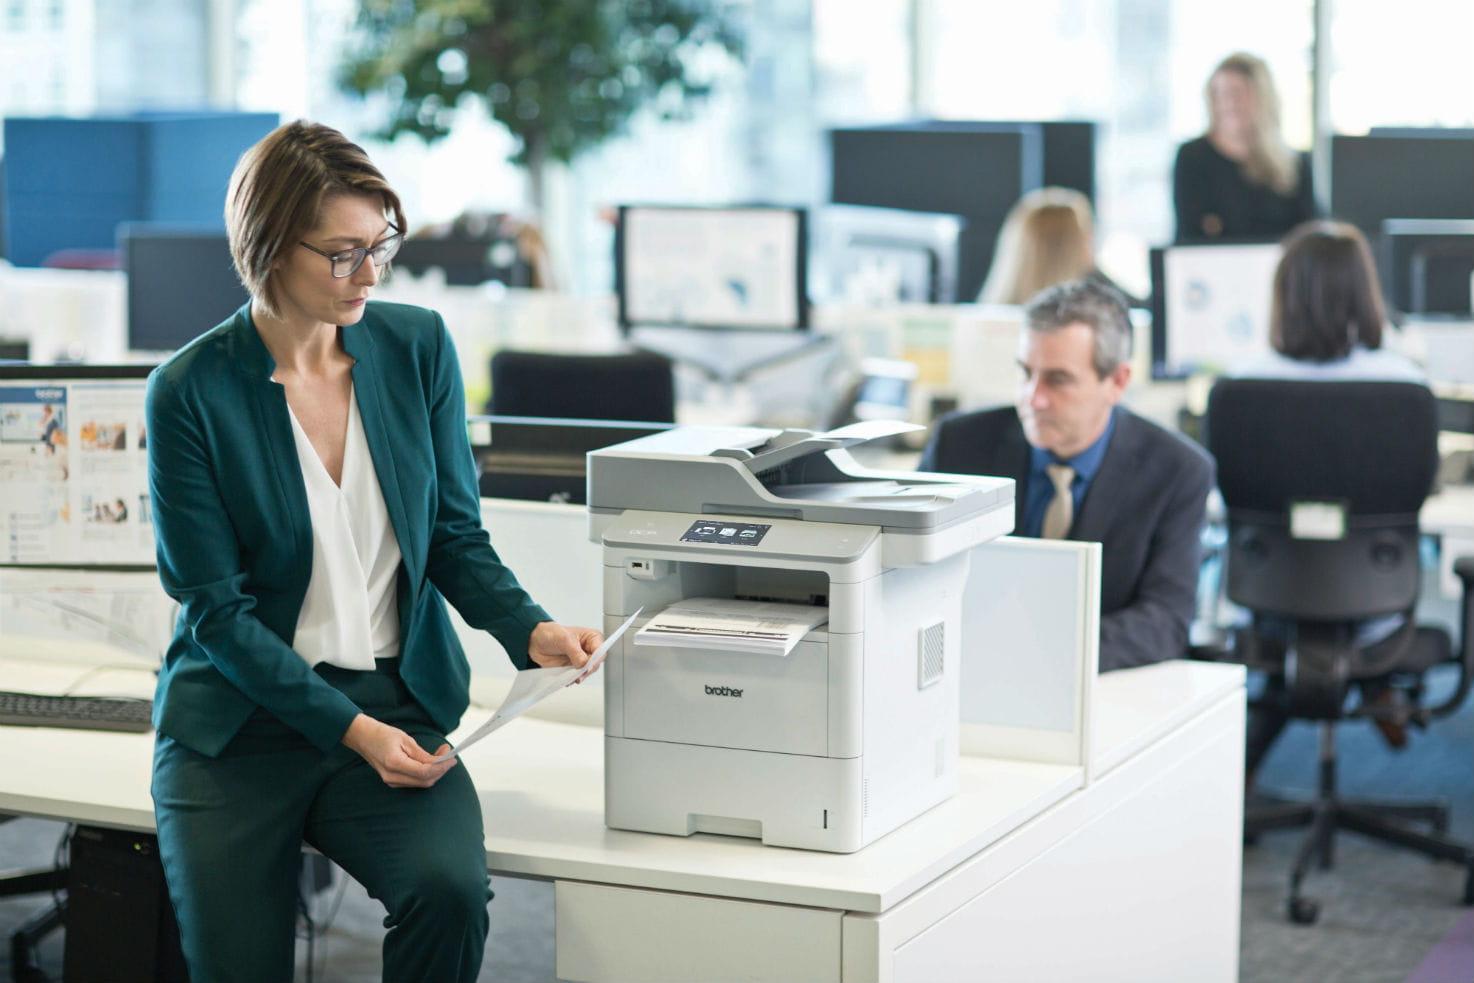 Pracovníci v kanceláři s multifunkční laserovou tiskárnou DCP-L6600DW na stole